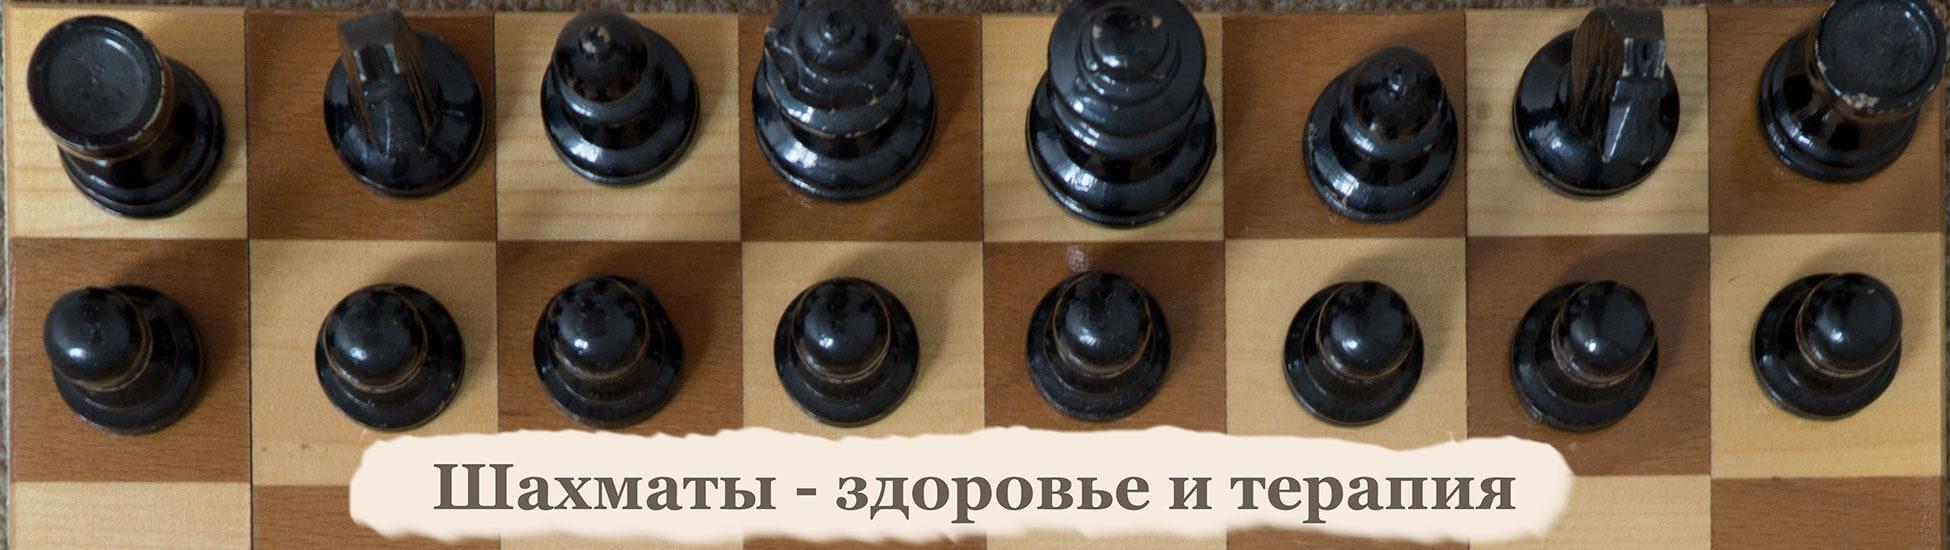 Шахматы - здоровье и терапия